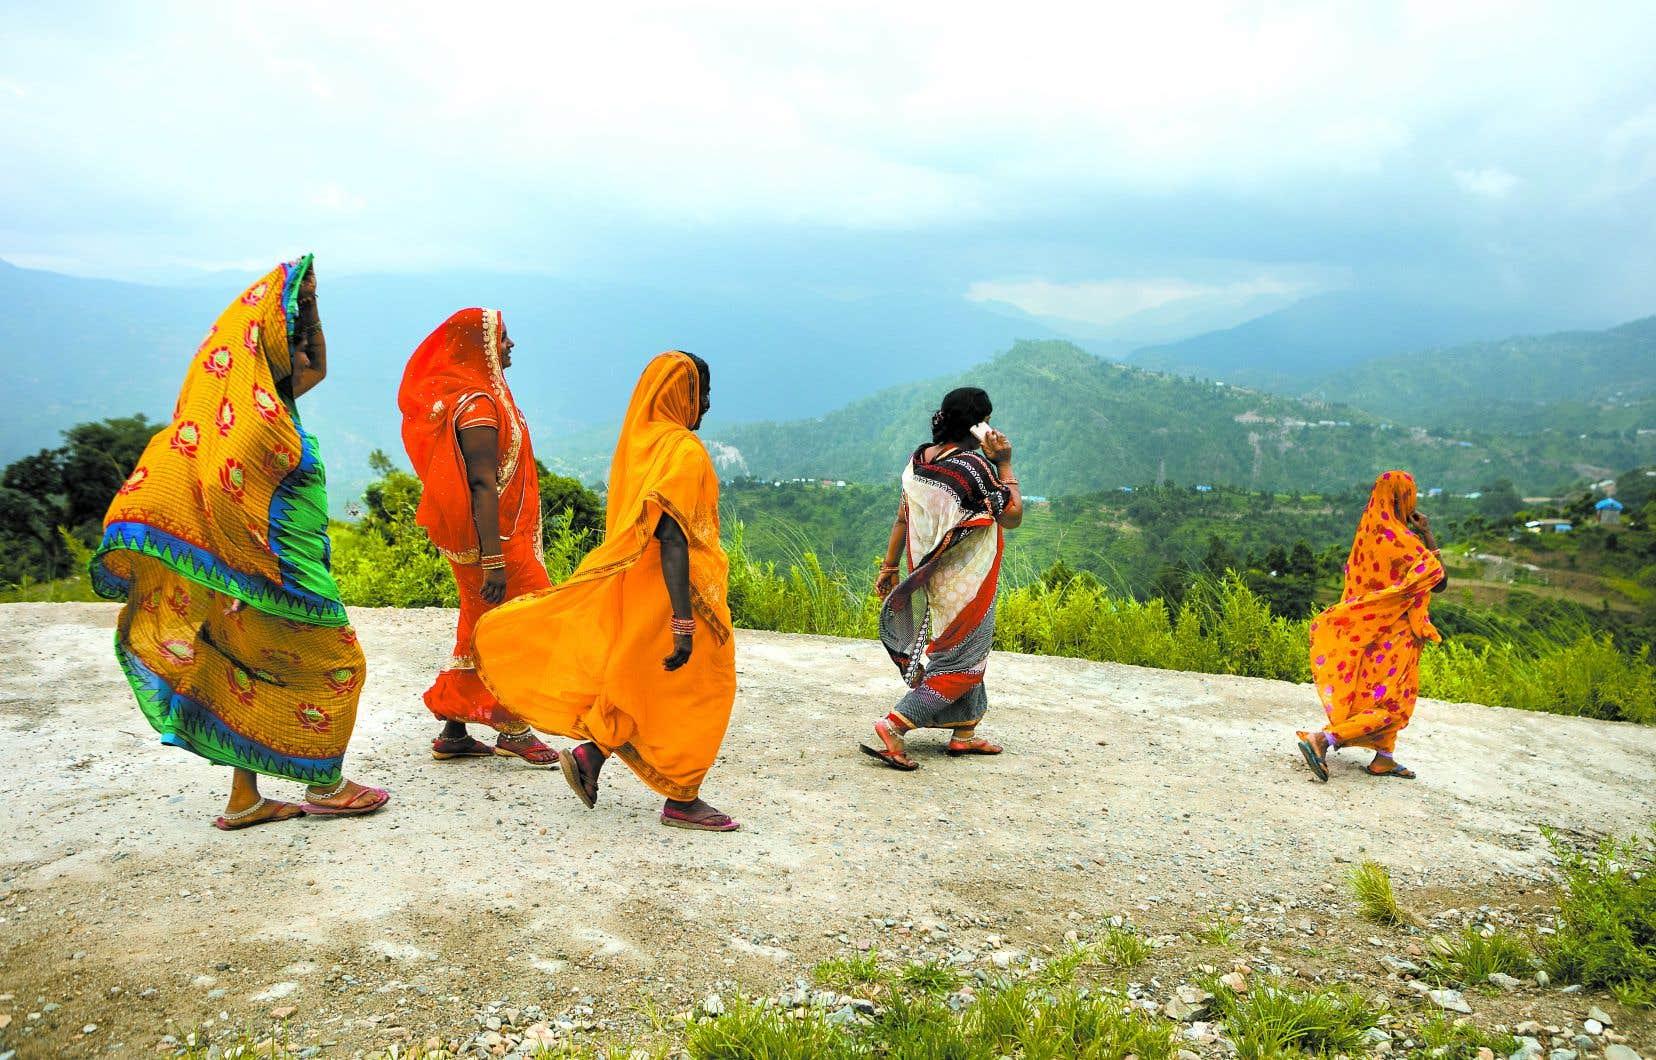 Des femmes dalits visitent des  projets d'entrepreneuriat féminin en agriculture dans le district de Sindhuli, au Népal.